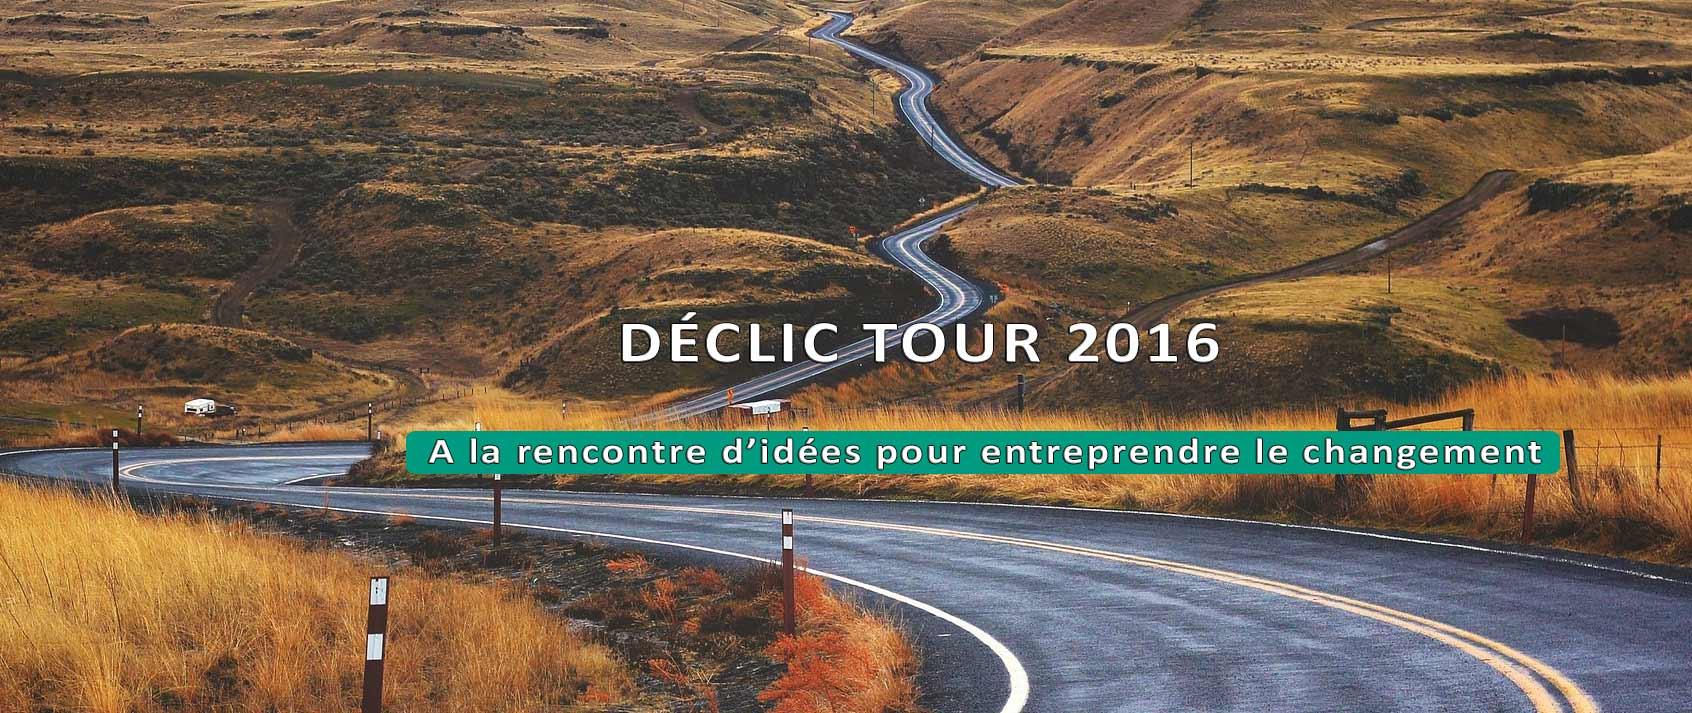 D clic tour cover